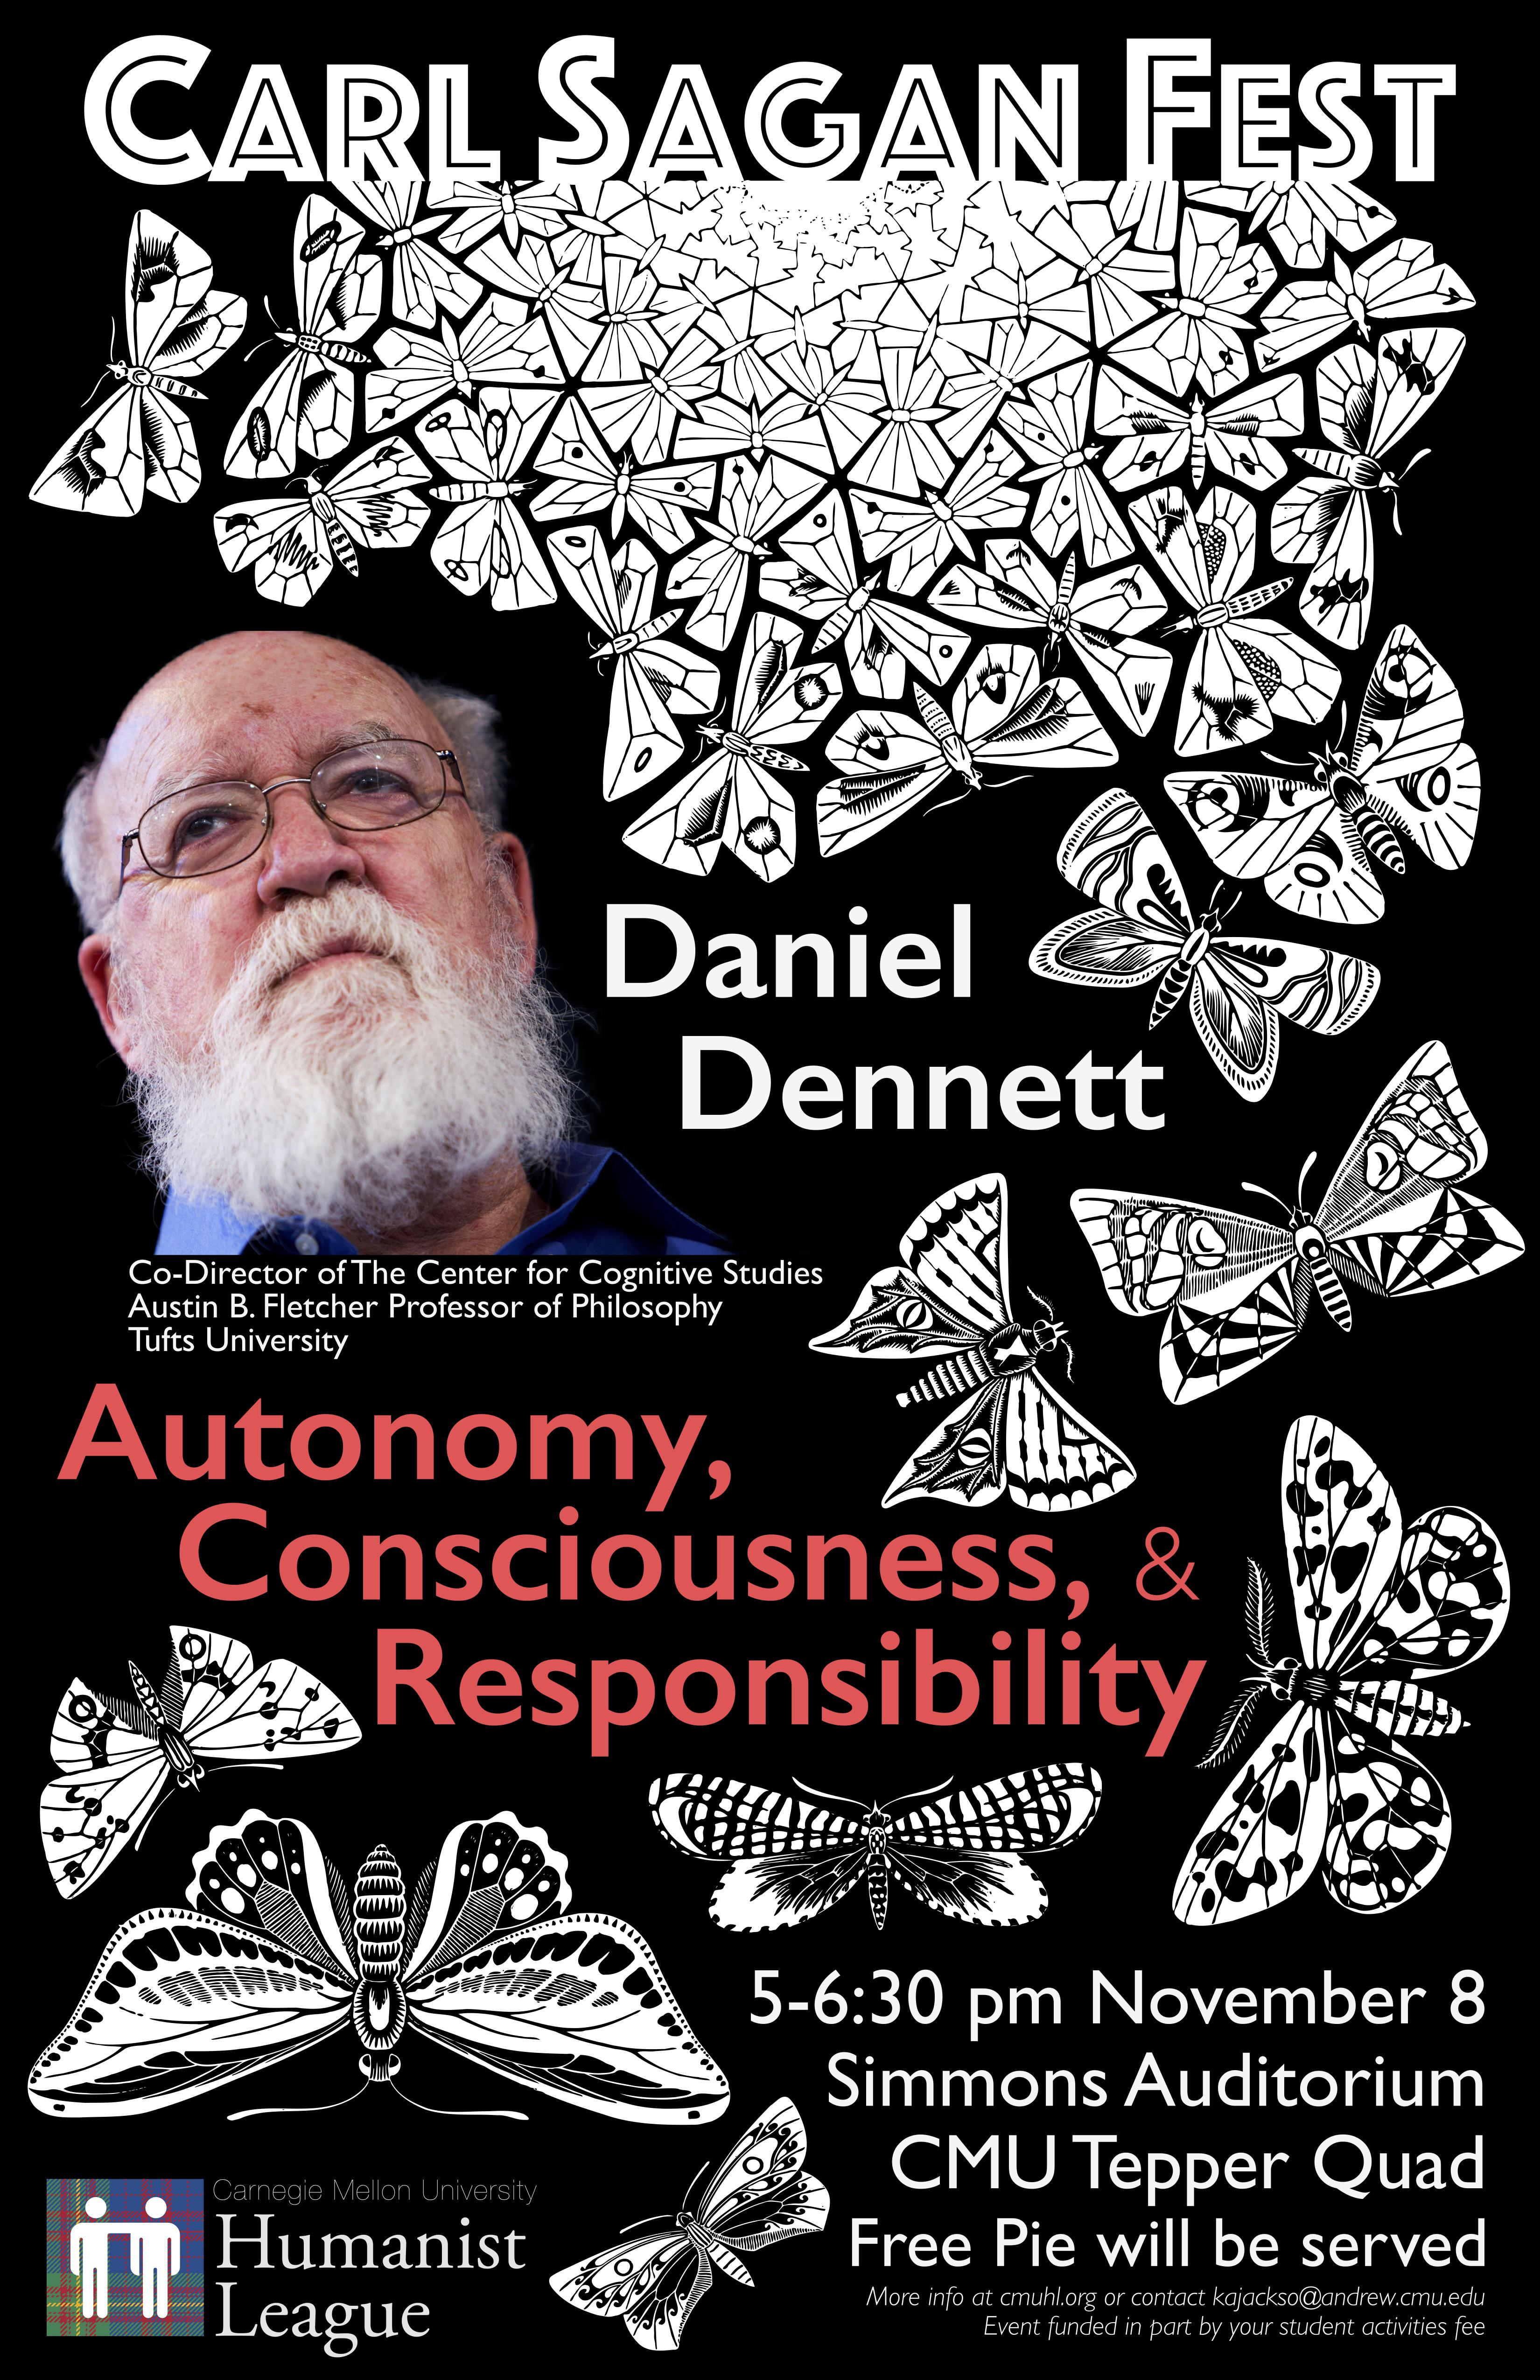 Carl Sagan Fest, featuring Daniel Dennett Poster